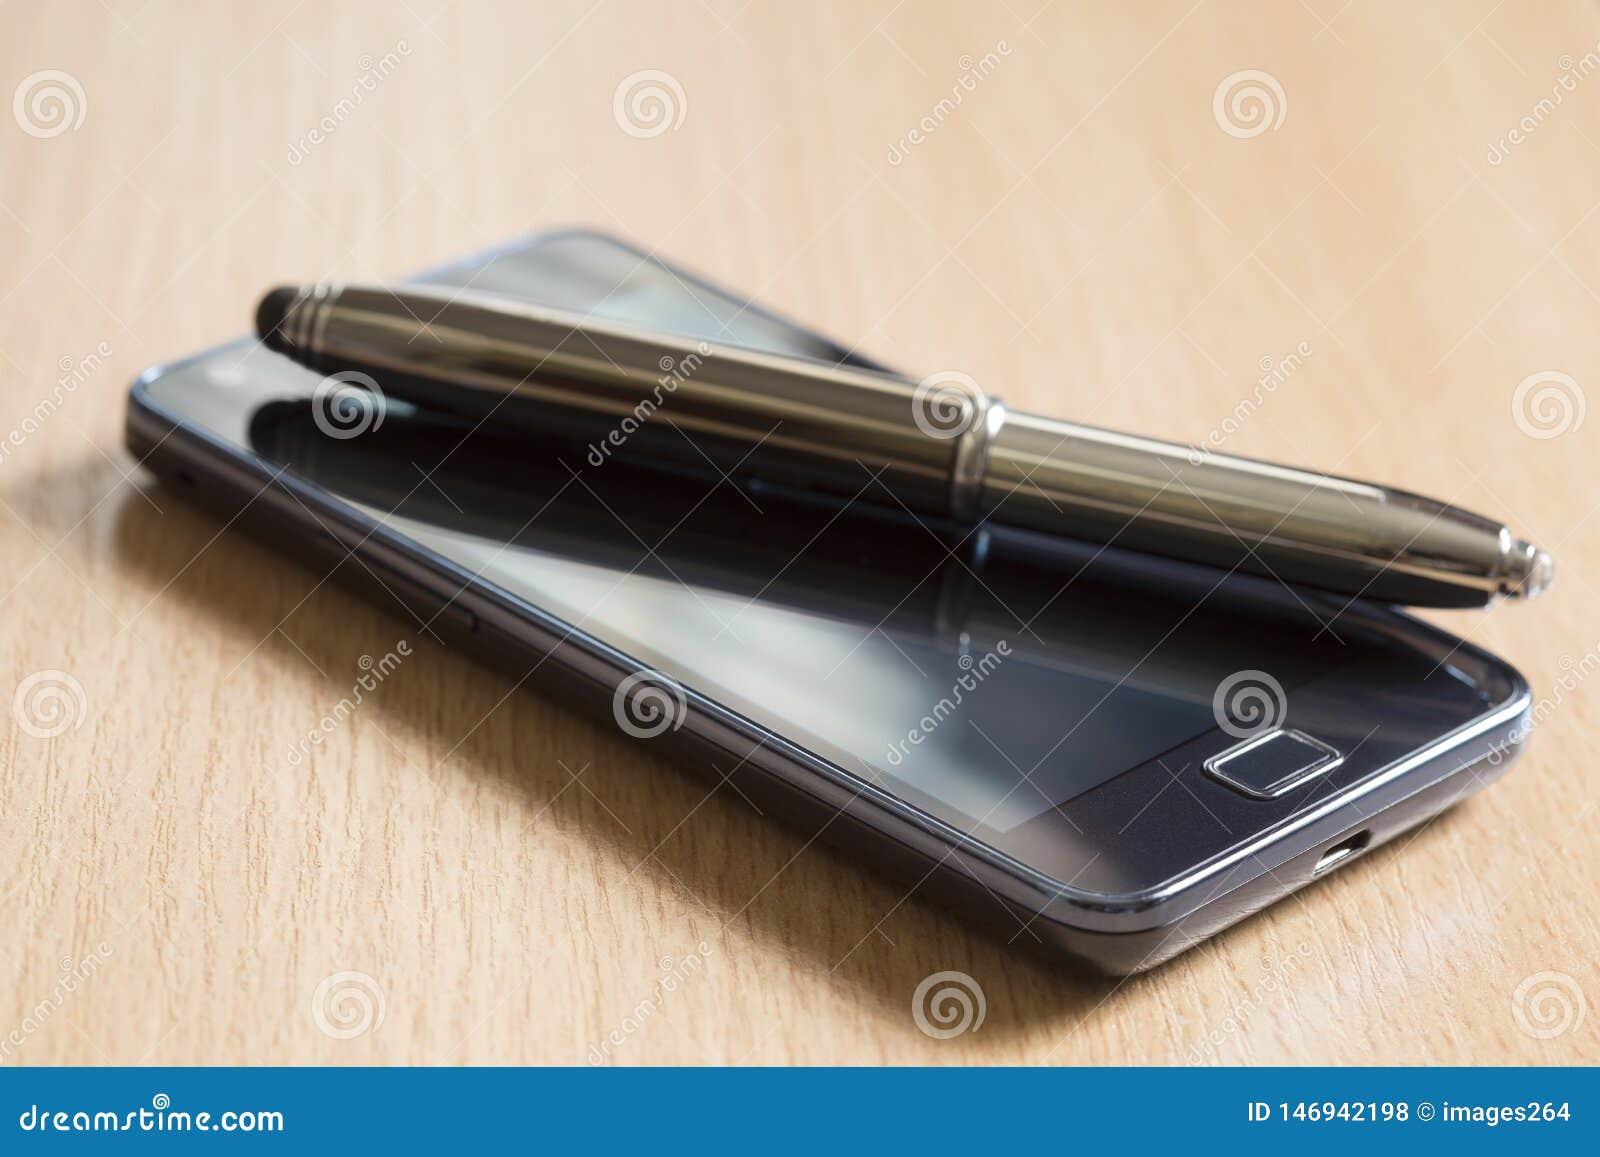 T?l?phone portable et un crayon lecteur